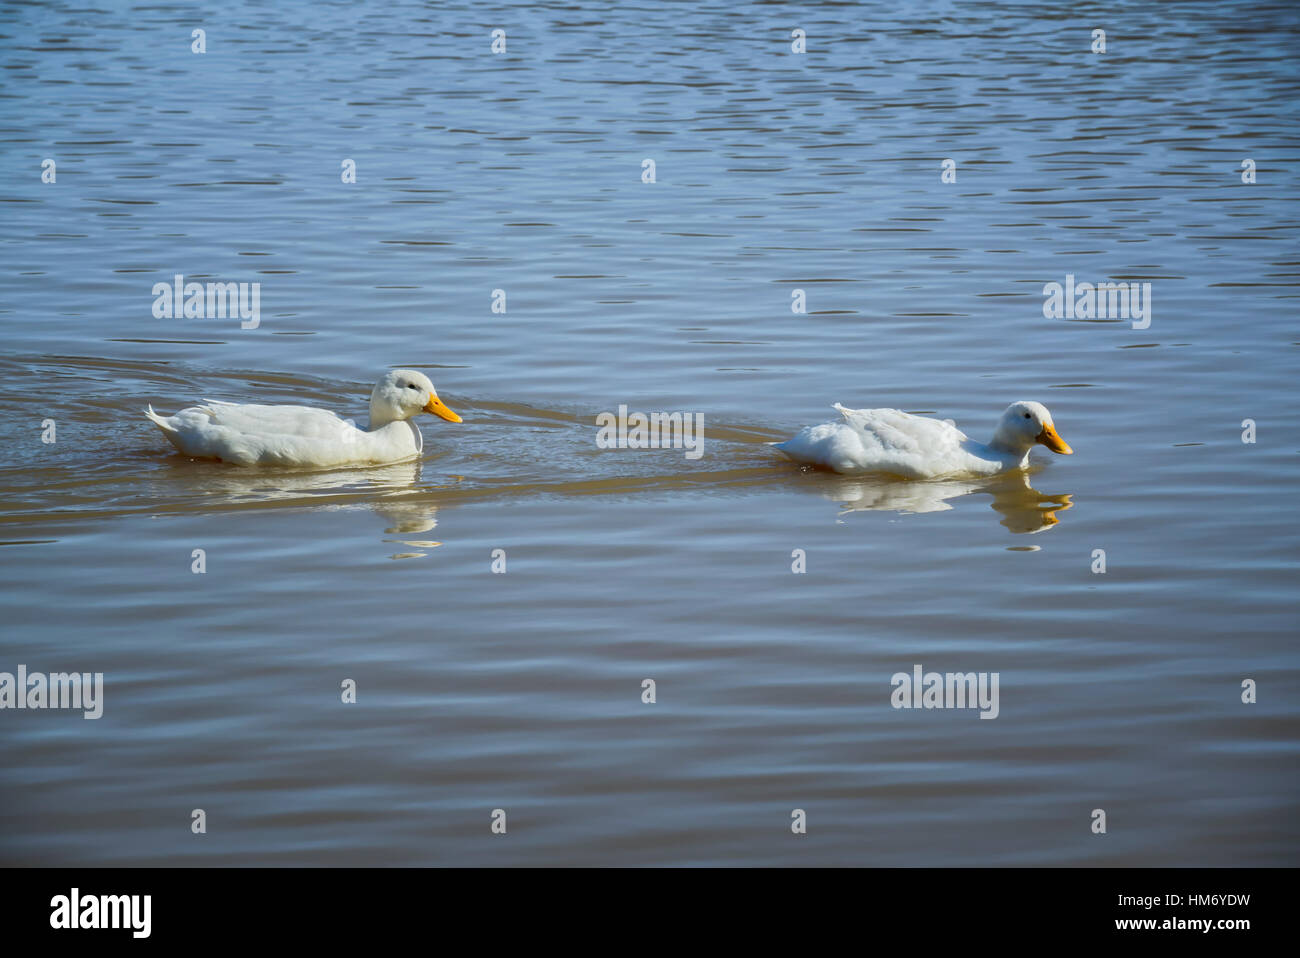 Two American Pekin ducks swimming in lake - Stock Image